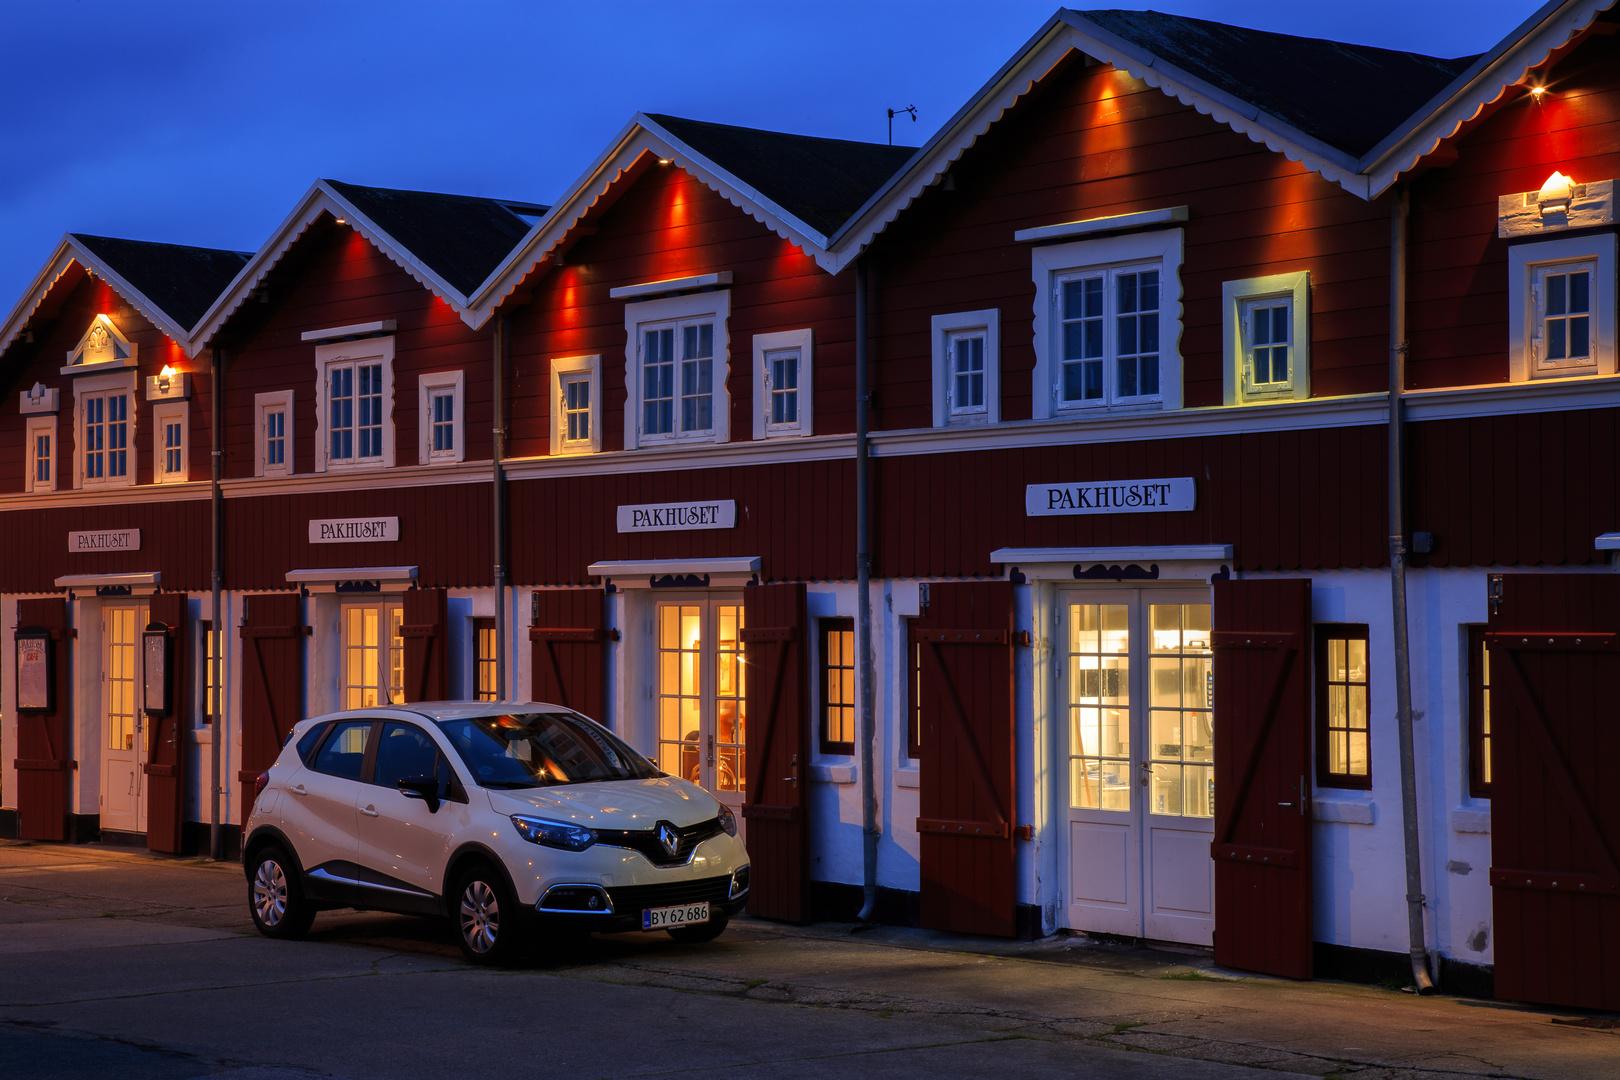 Pakhuset im Hafen von Skagen